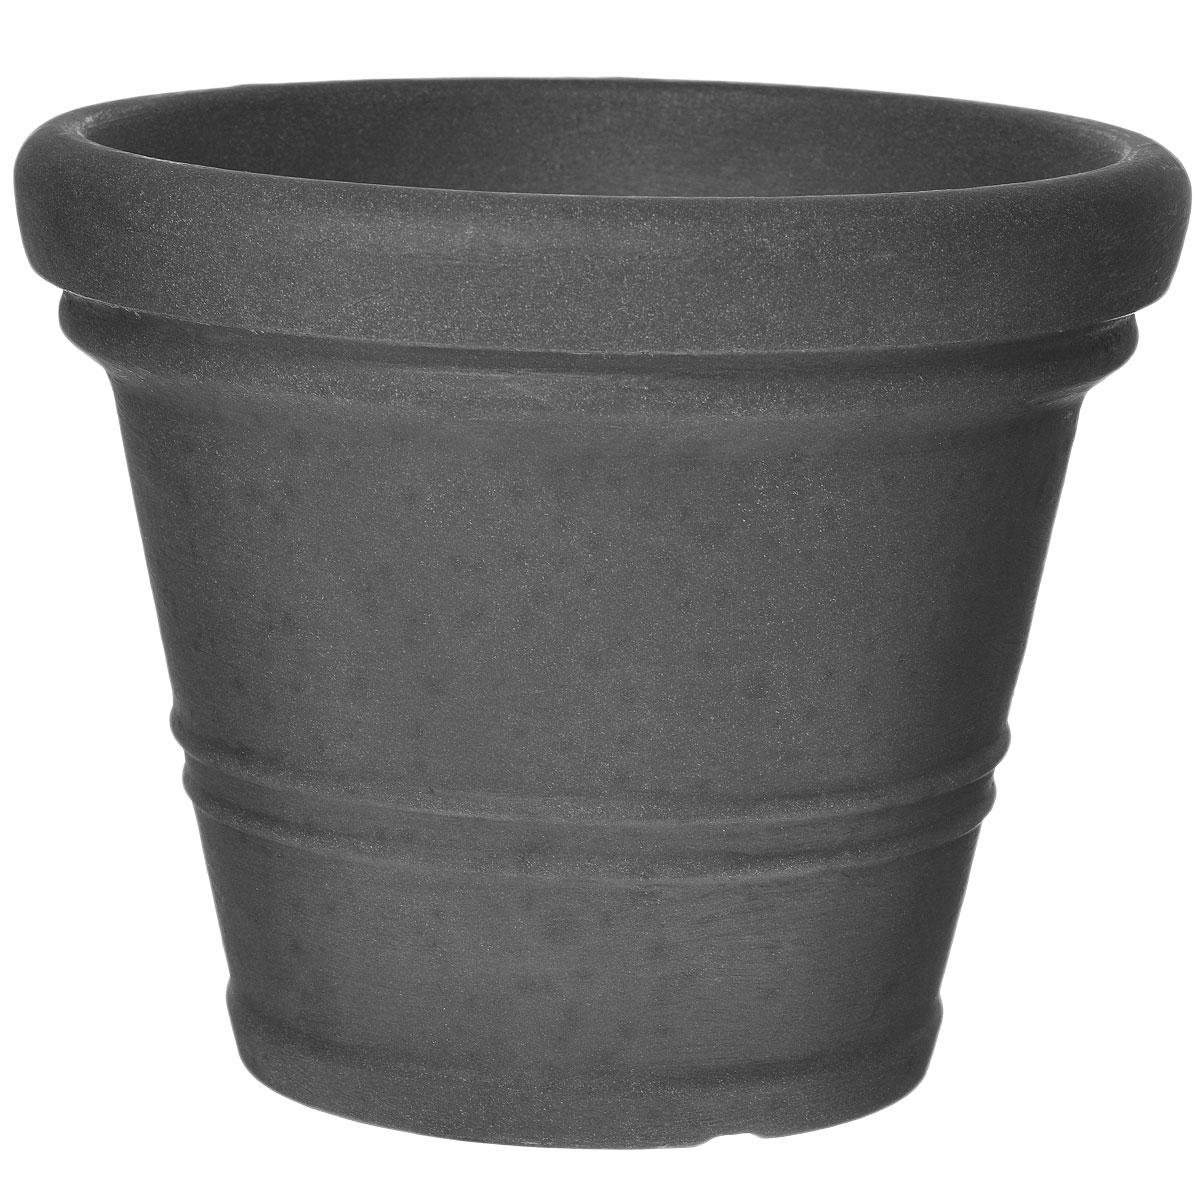 Кашпо для цветов Scheurich, цвет: серый, диаметр 45 см53395SКашпо для цветов Scheurich выполнено из прочного пластика. Изделие предназначено для установки внутрь цветочных горшков с растениями. Такие изделия часто становятся последним штрихом, который совершенно изменяет интерьер помещения или ландшафтный дизайн сада. Благодаря такому кашпо вы сможете украсить вашу комнату, офис, сад и другие места. Диаметр: 45 см.